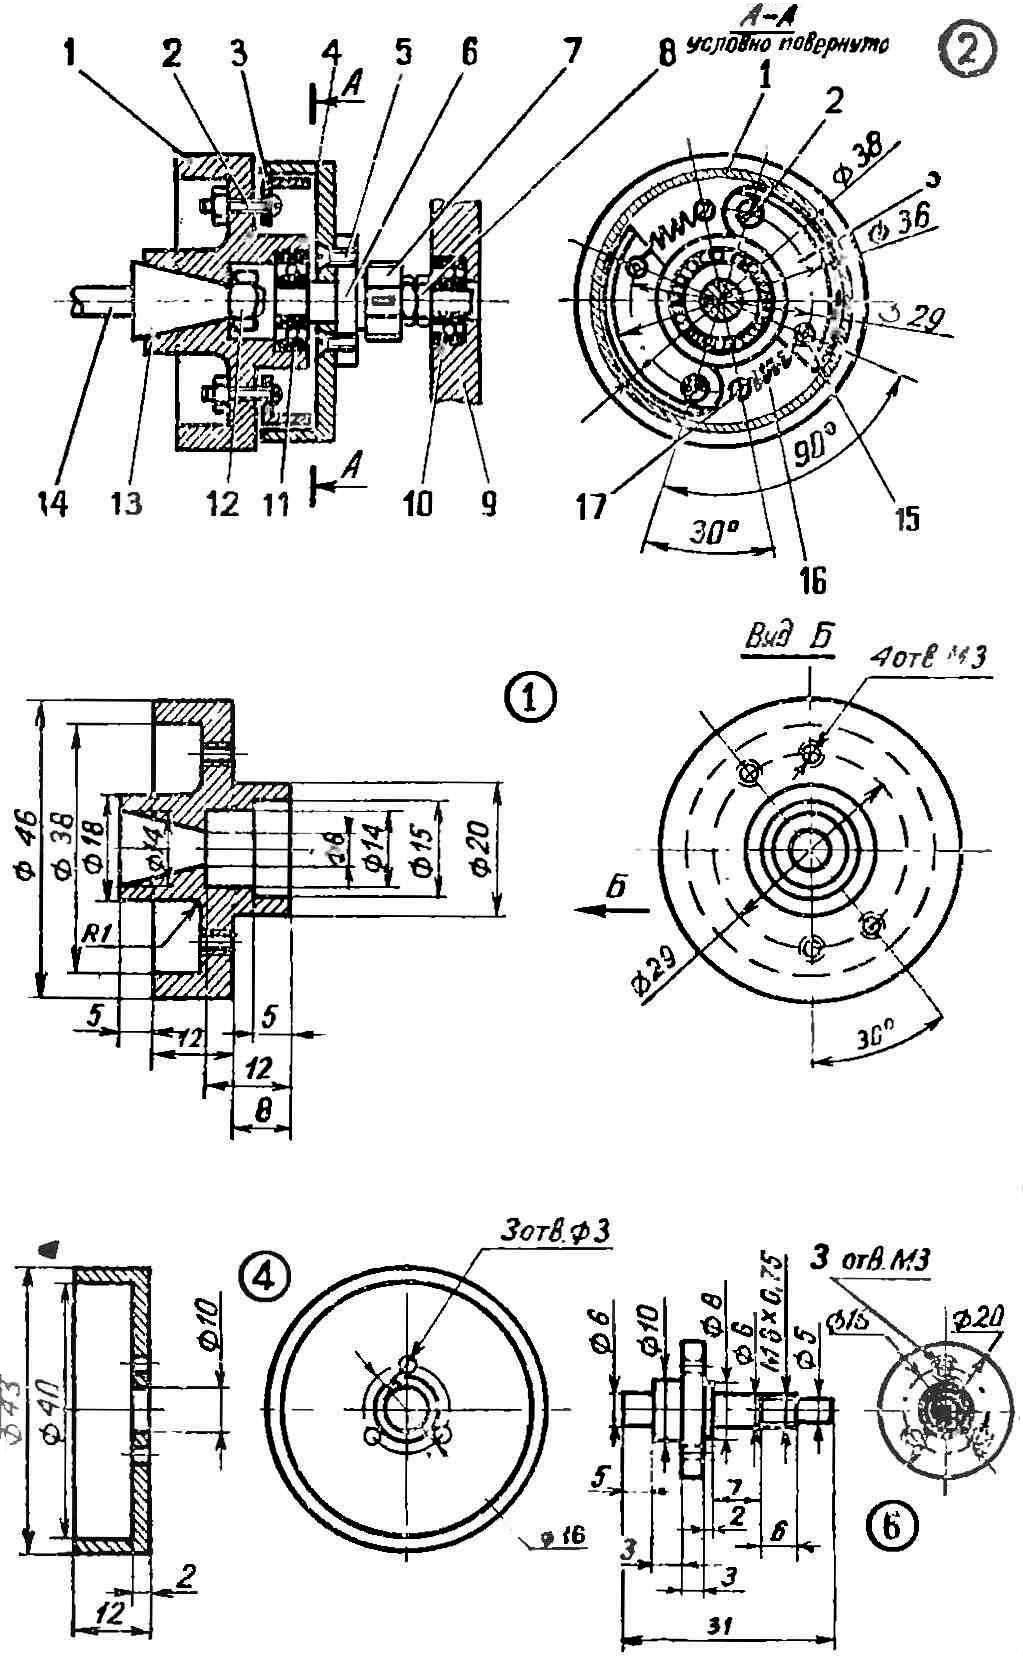 Рис. 2. Устройство автоматического сцепления традиционного типа (на двигатели 2,5—3,5 см3)